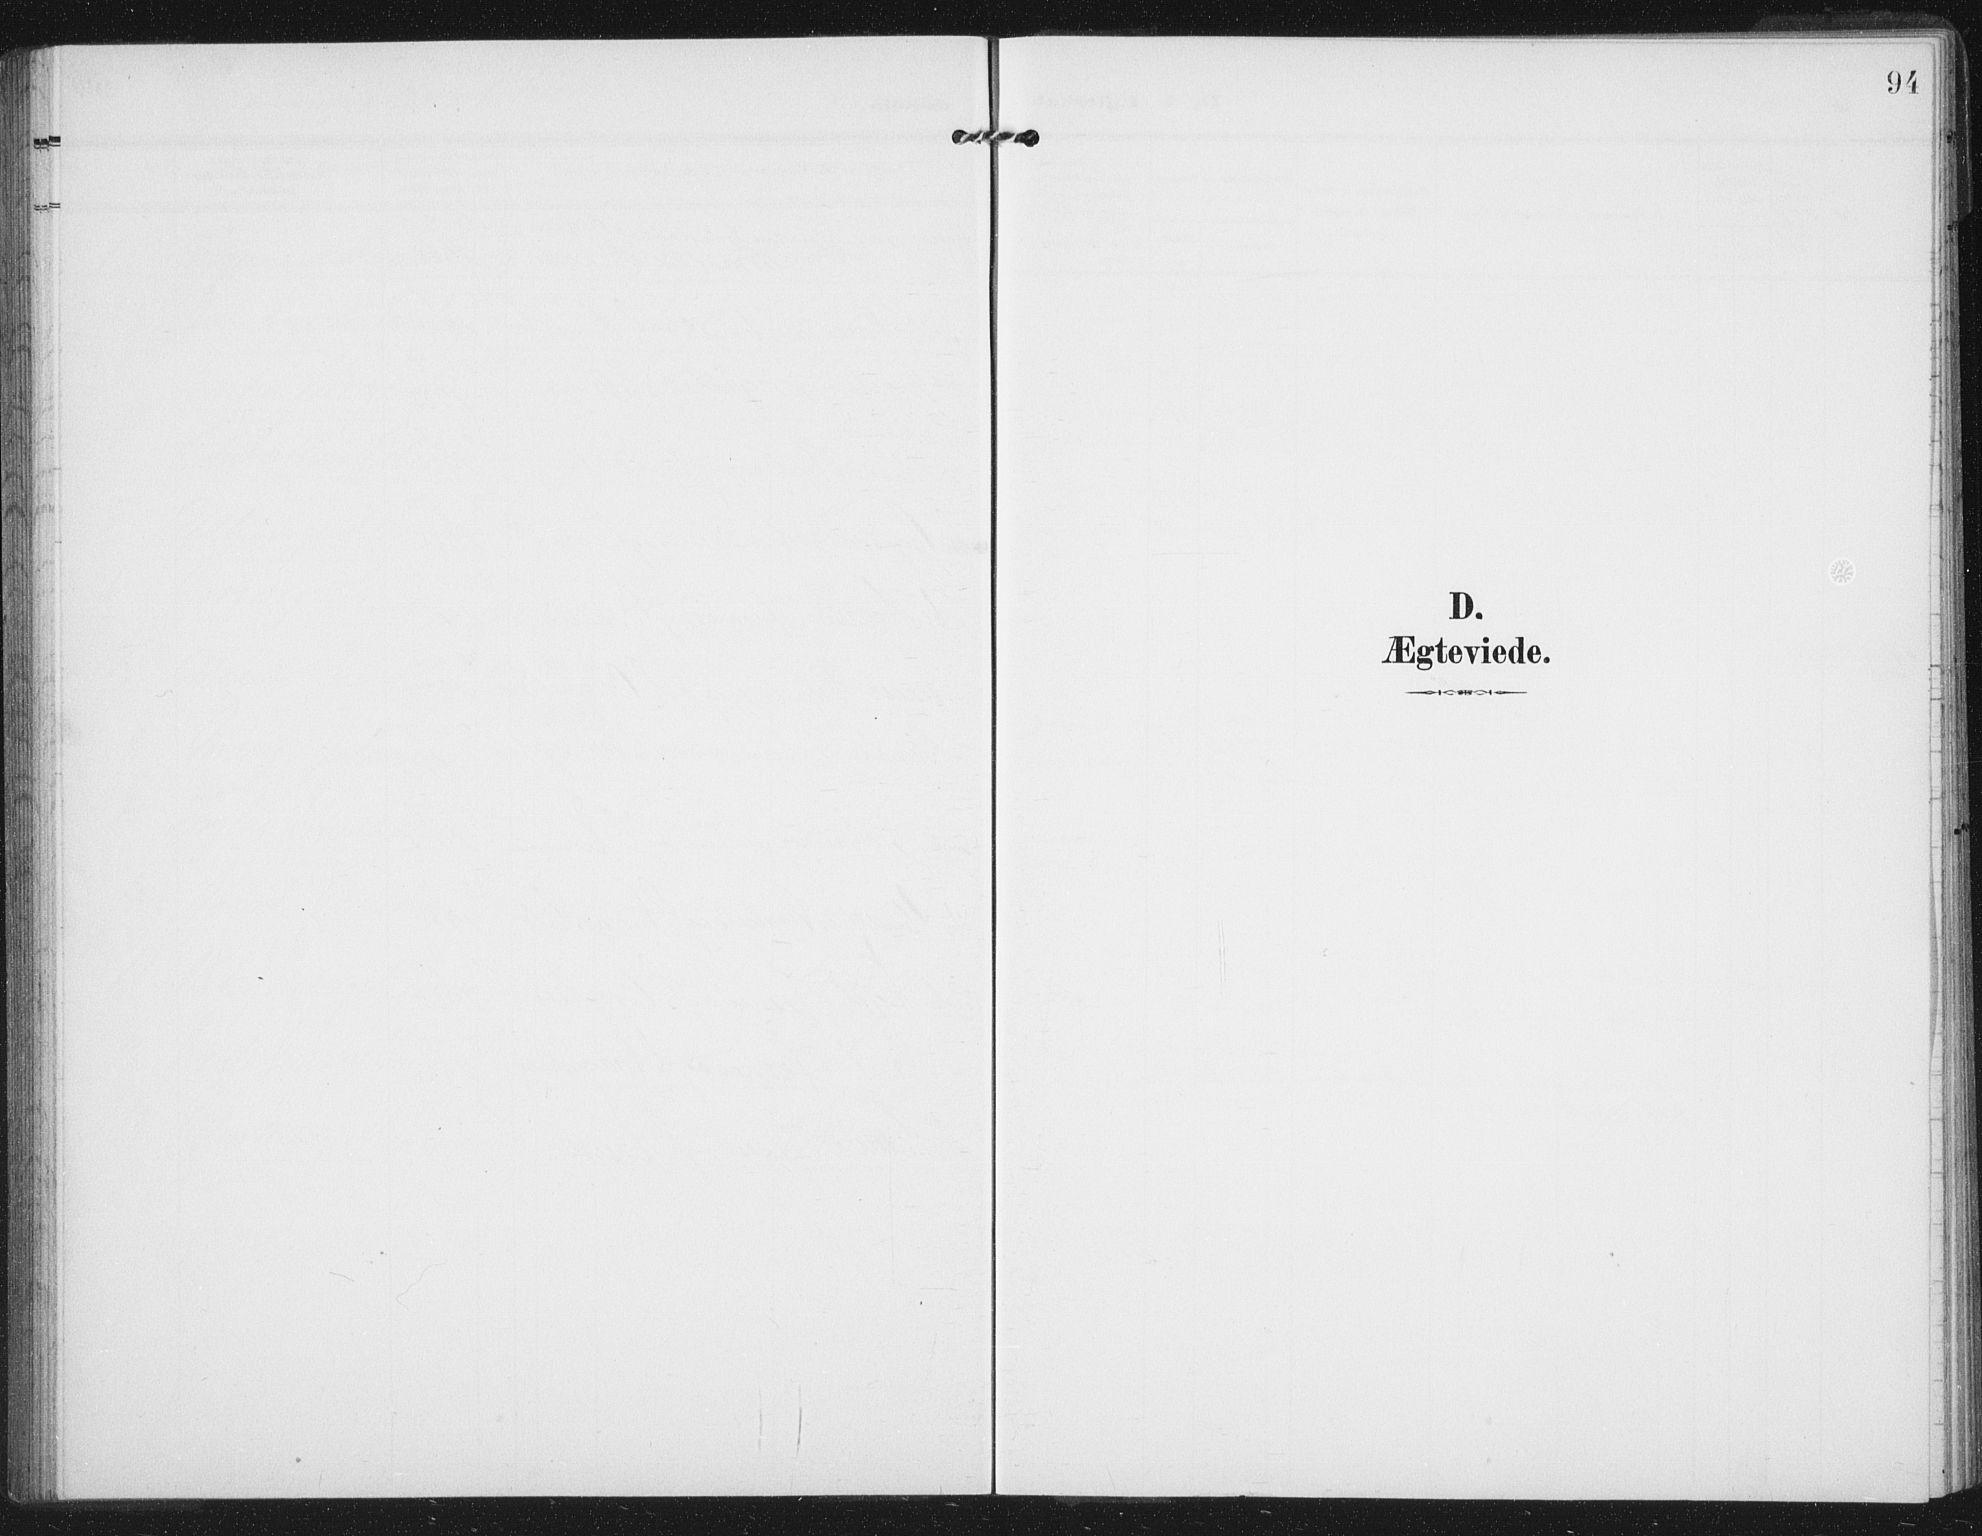 SAT, Ministerialprotokoller, klokkerbøker og fødselsregistre - Nord-Trøndelag, 747/L0460: Klokkerbok nr. 747C02, 1908-1939, s. 94